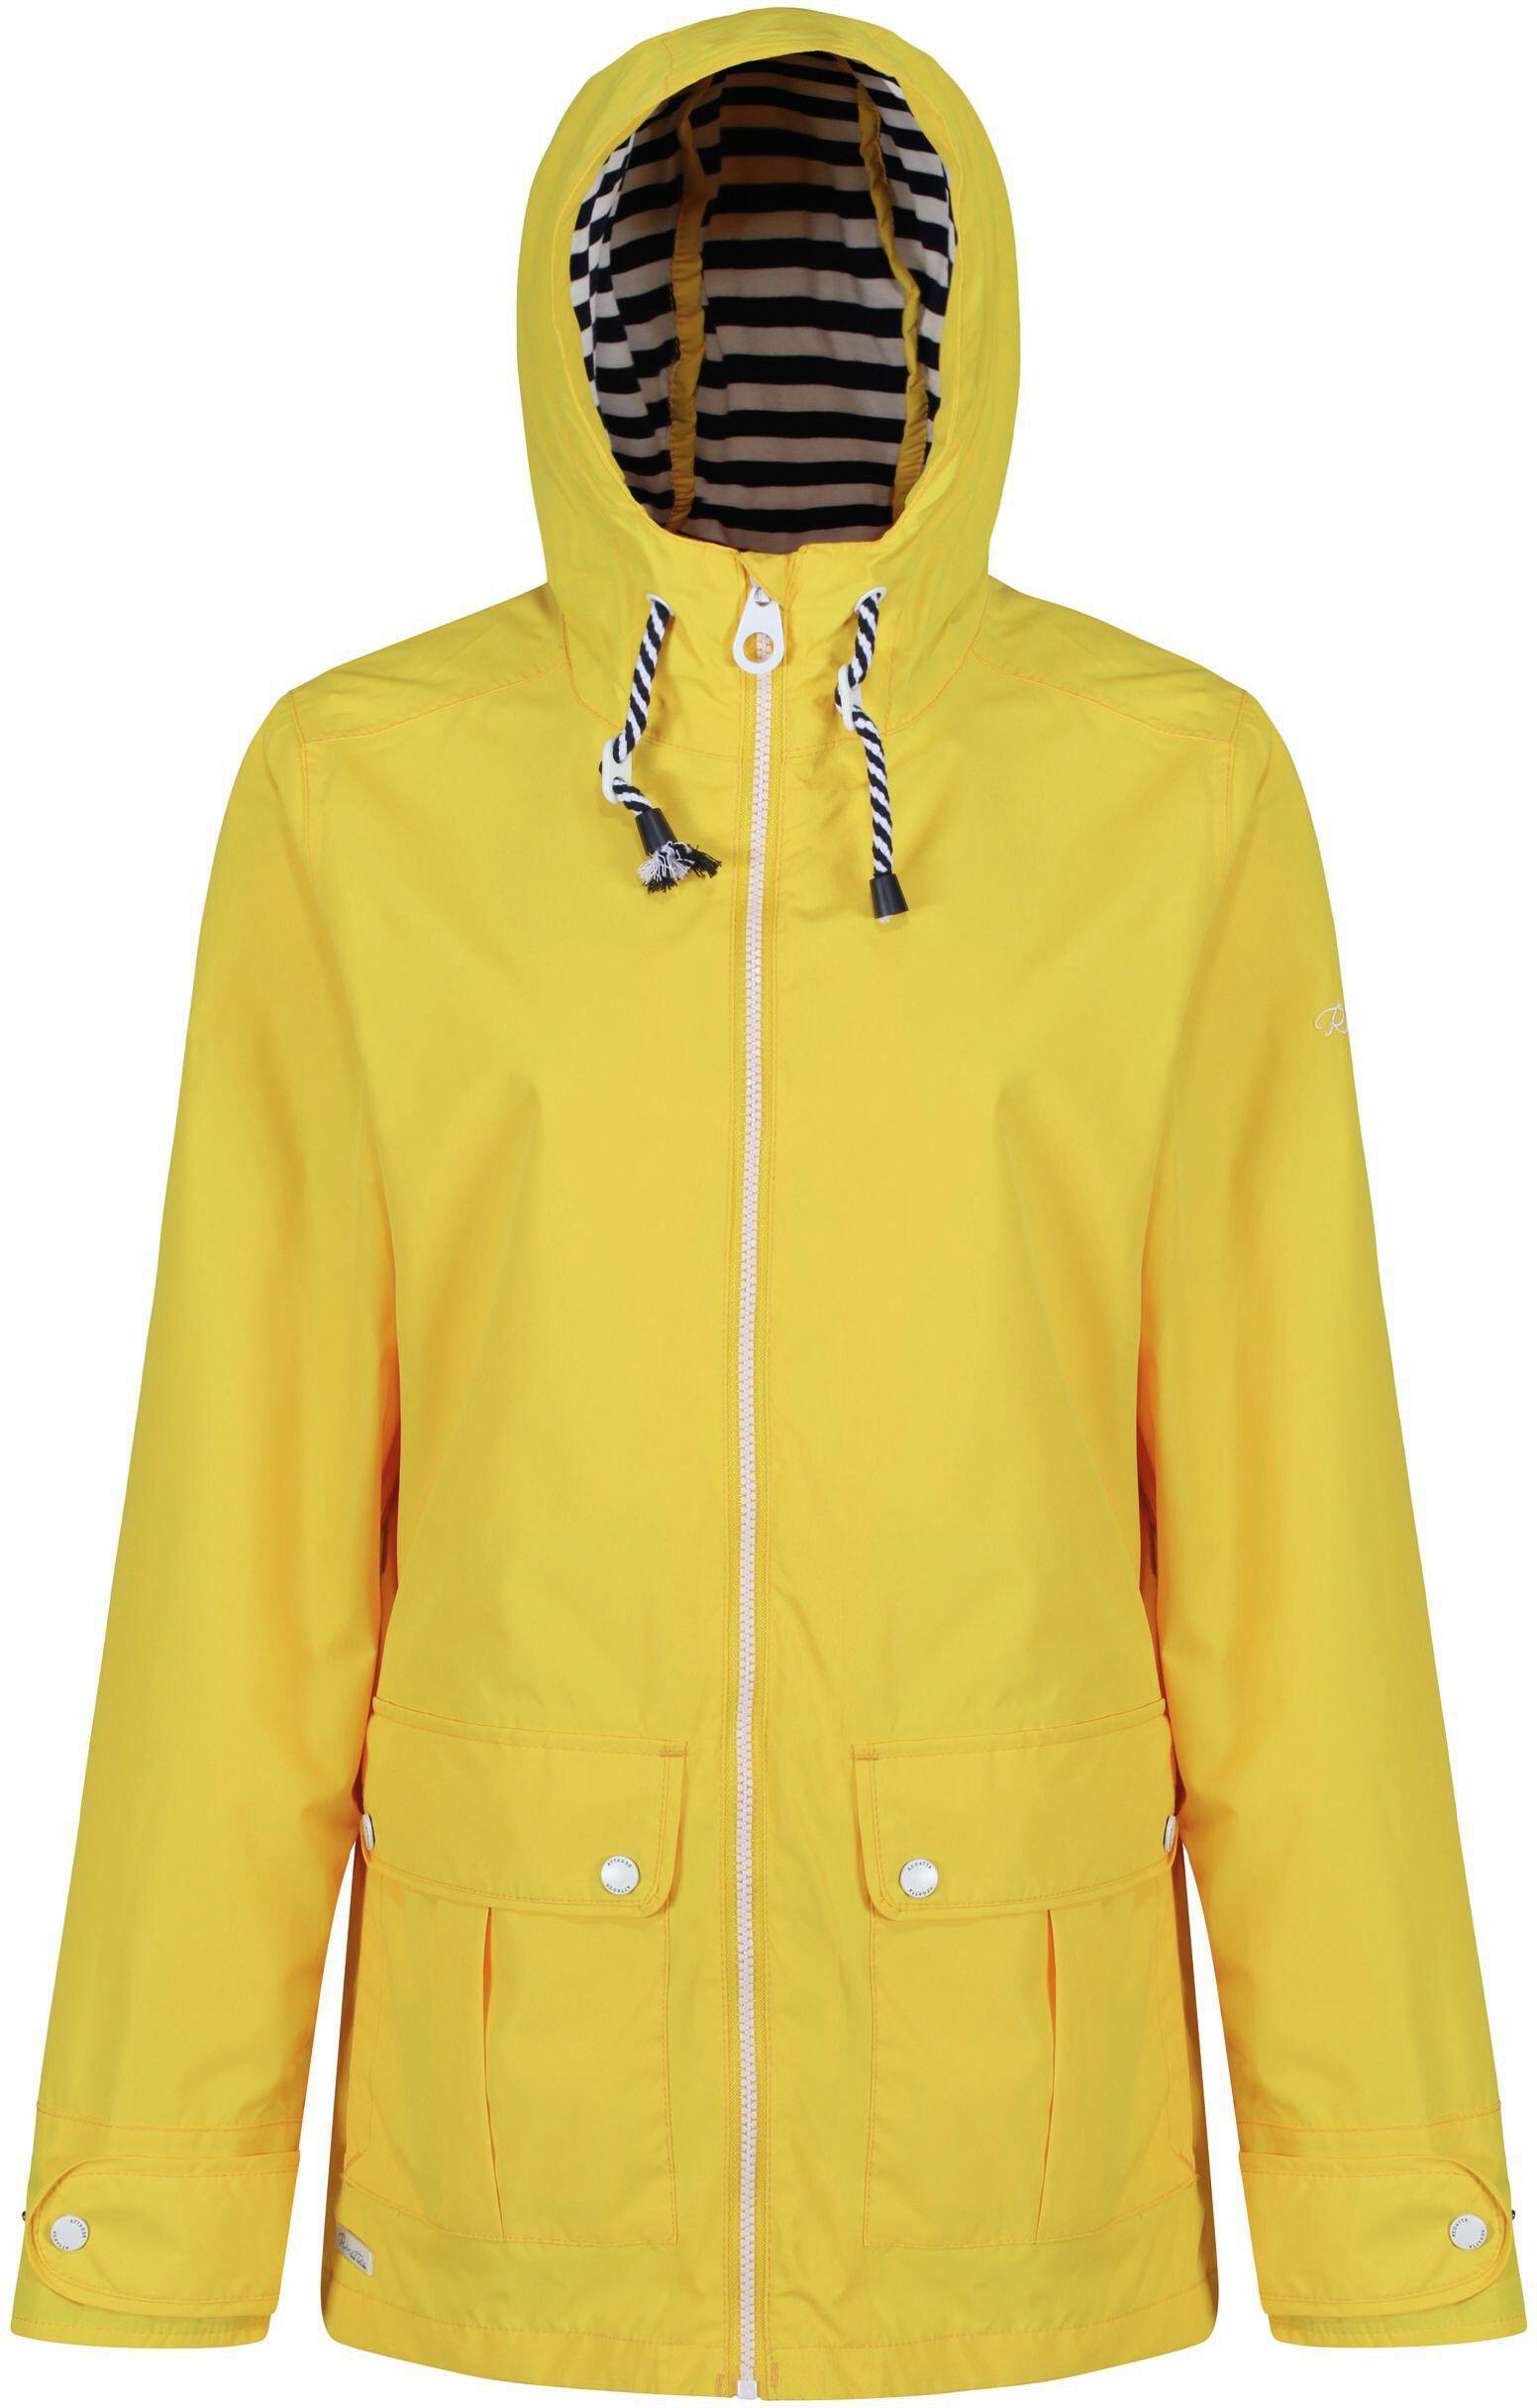 Regatta Bayeur II - Veste Femme - jaune sur CAMPZ ! 4a622875d3a2